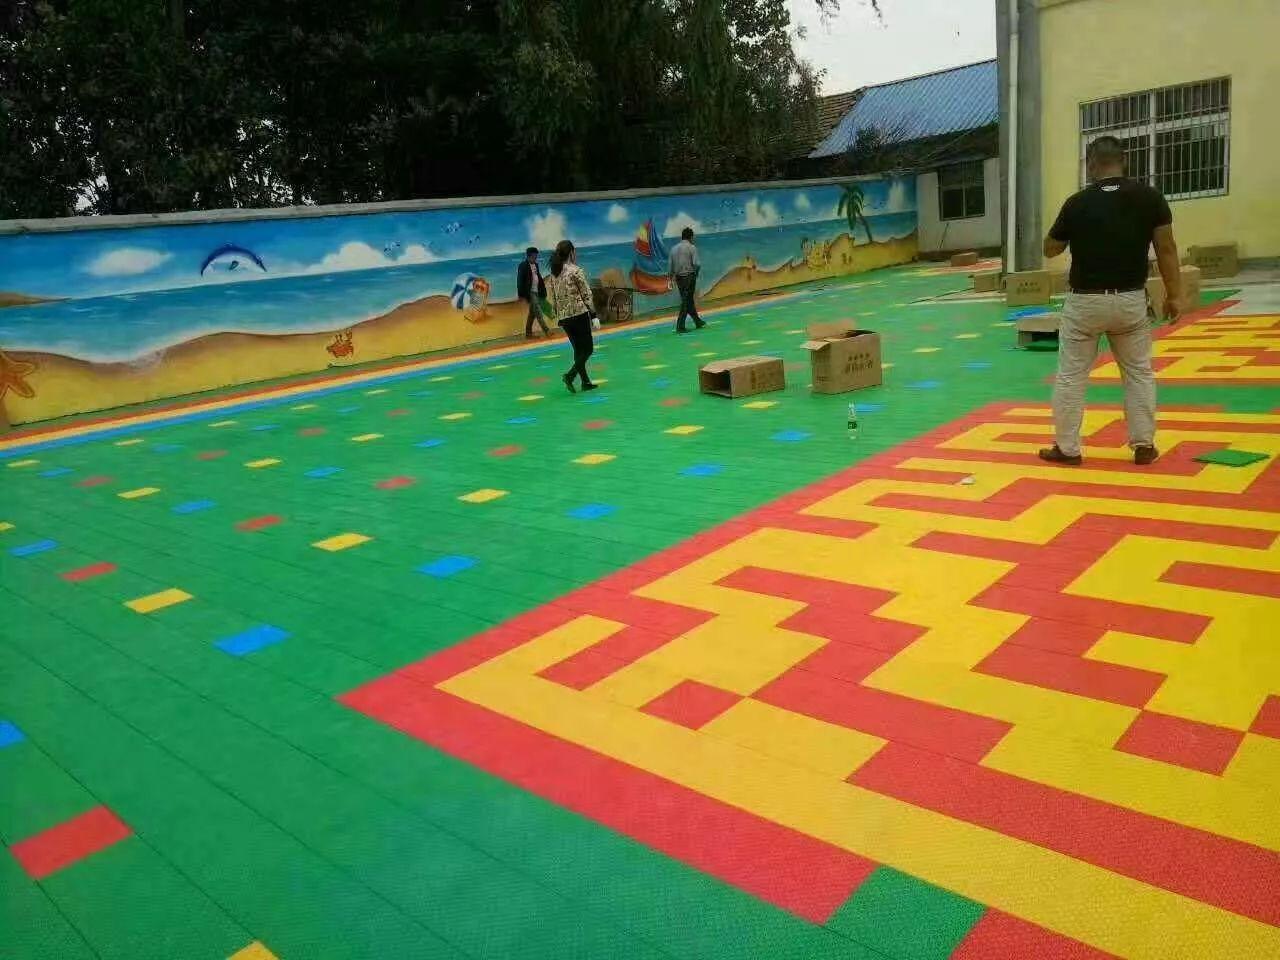 厂家直销悬浮地板户外pp塑料室外拼装幼儿园运动篮球地板